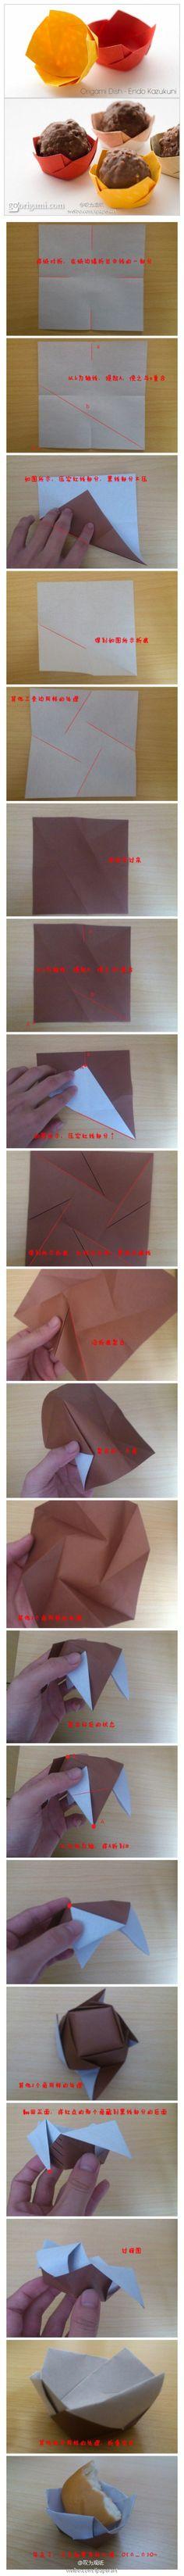 Origami Dish (Endo Kazukuni) 可以放食品的小盒子